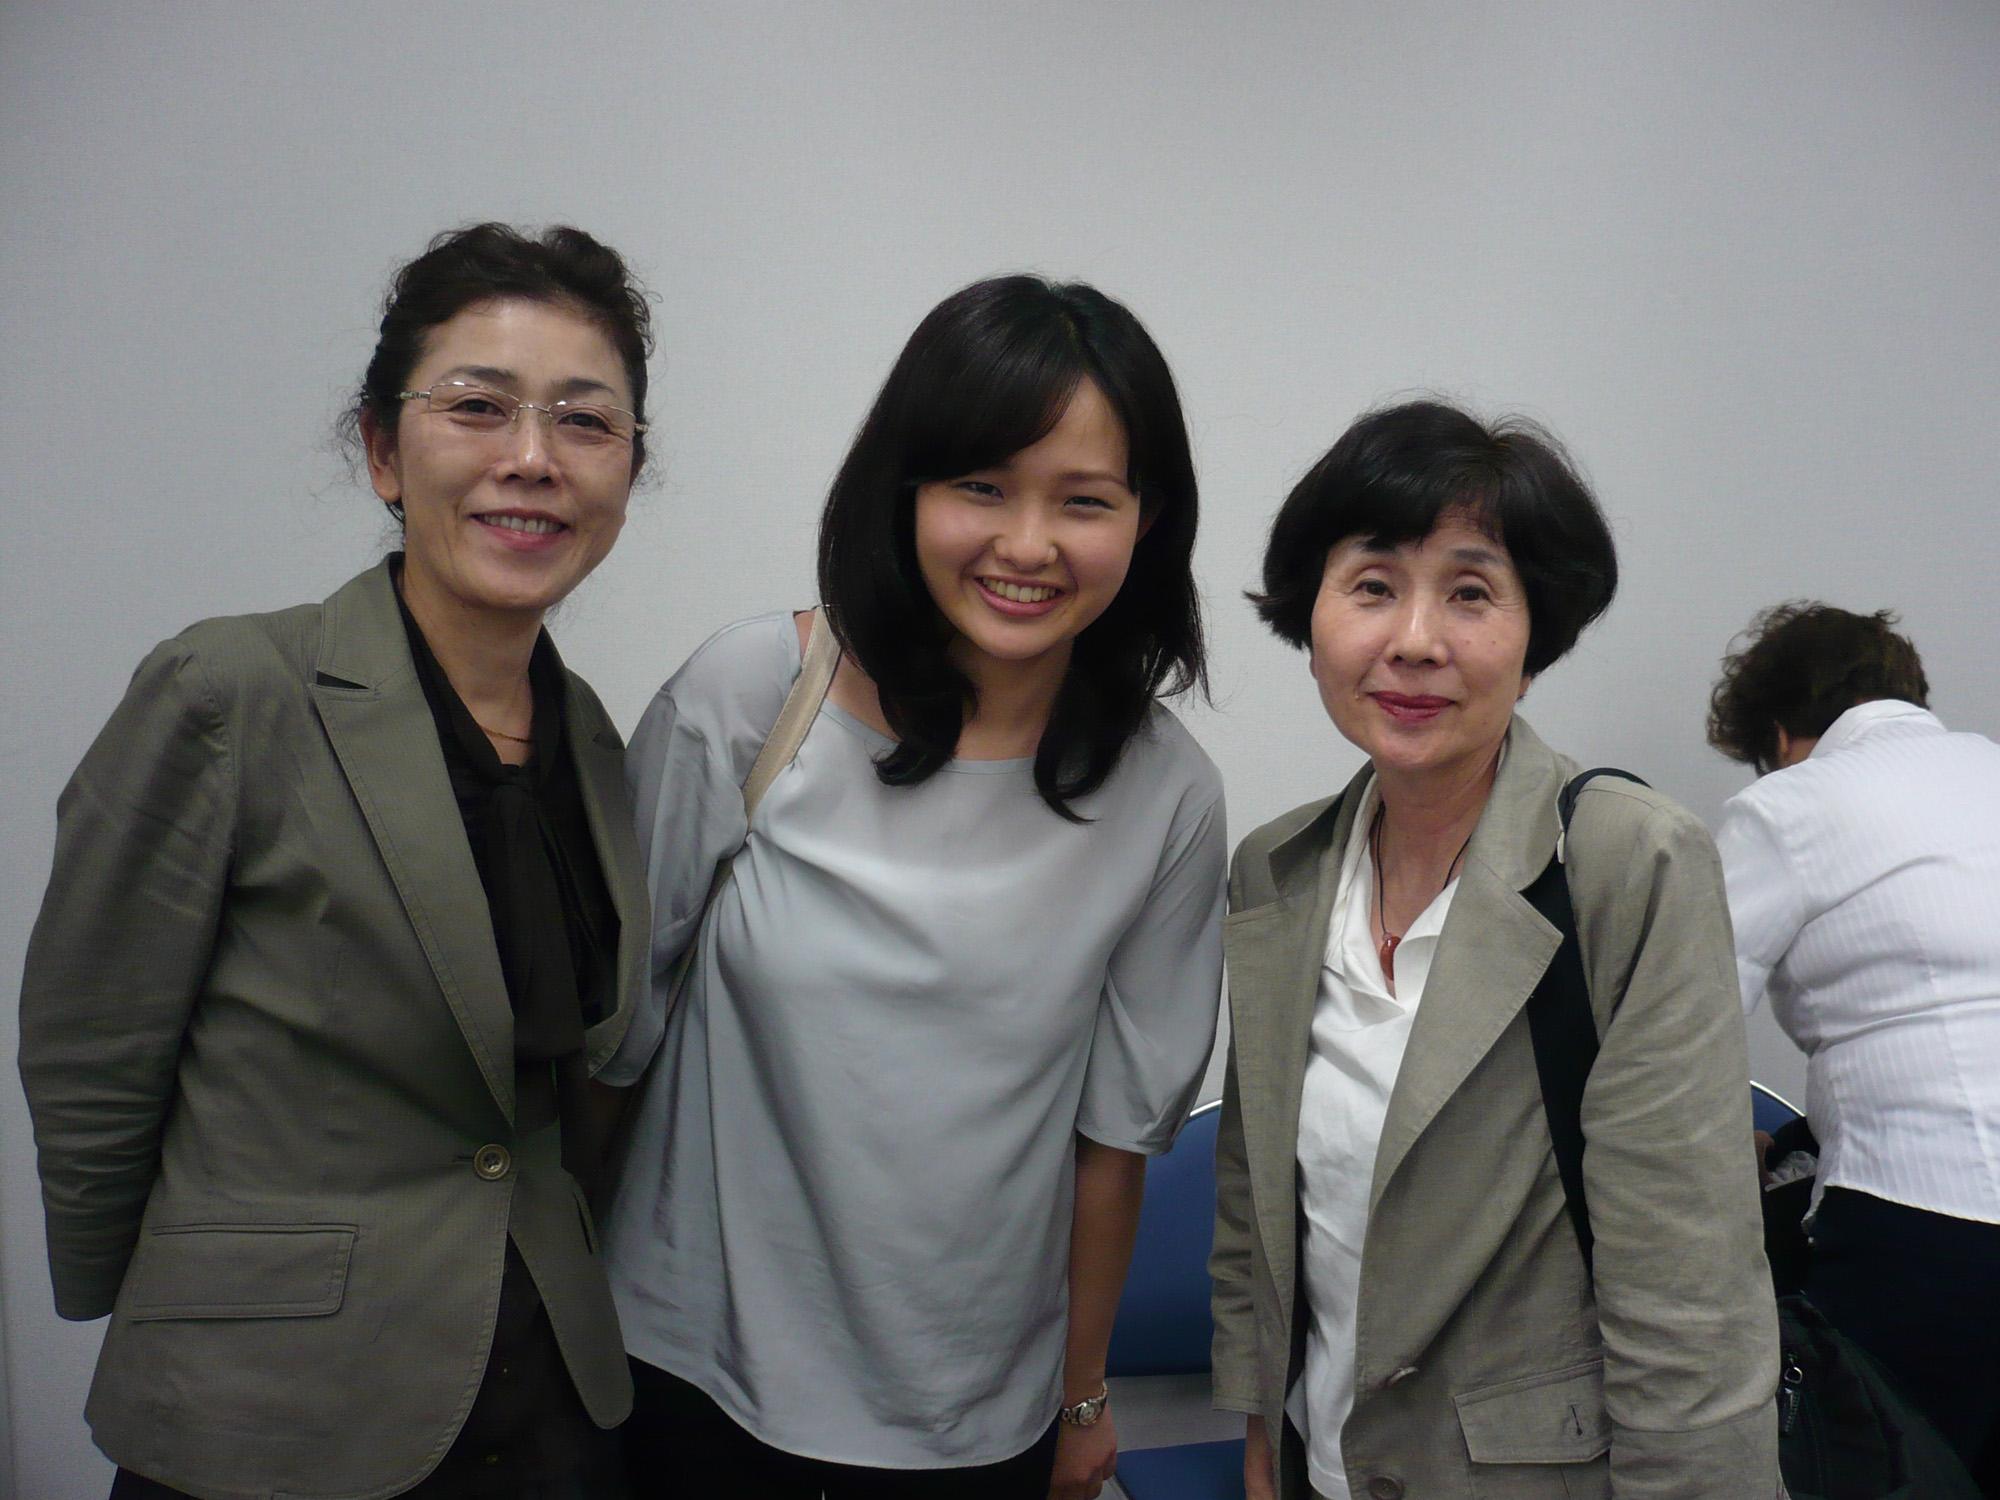 平嶋・小村運営委員が参加 平嶋・小村運営委員が参加 学習会へのアプローチ、考え方、手法、きっかけ